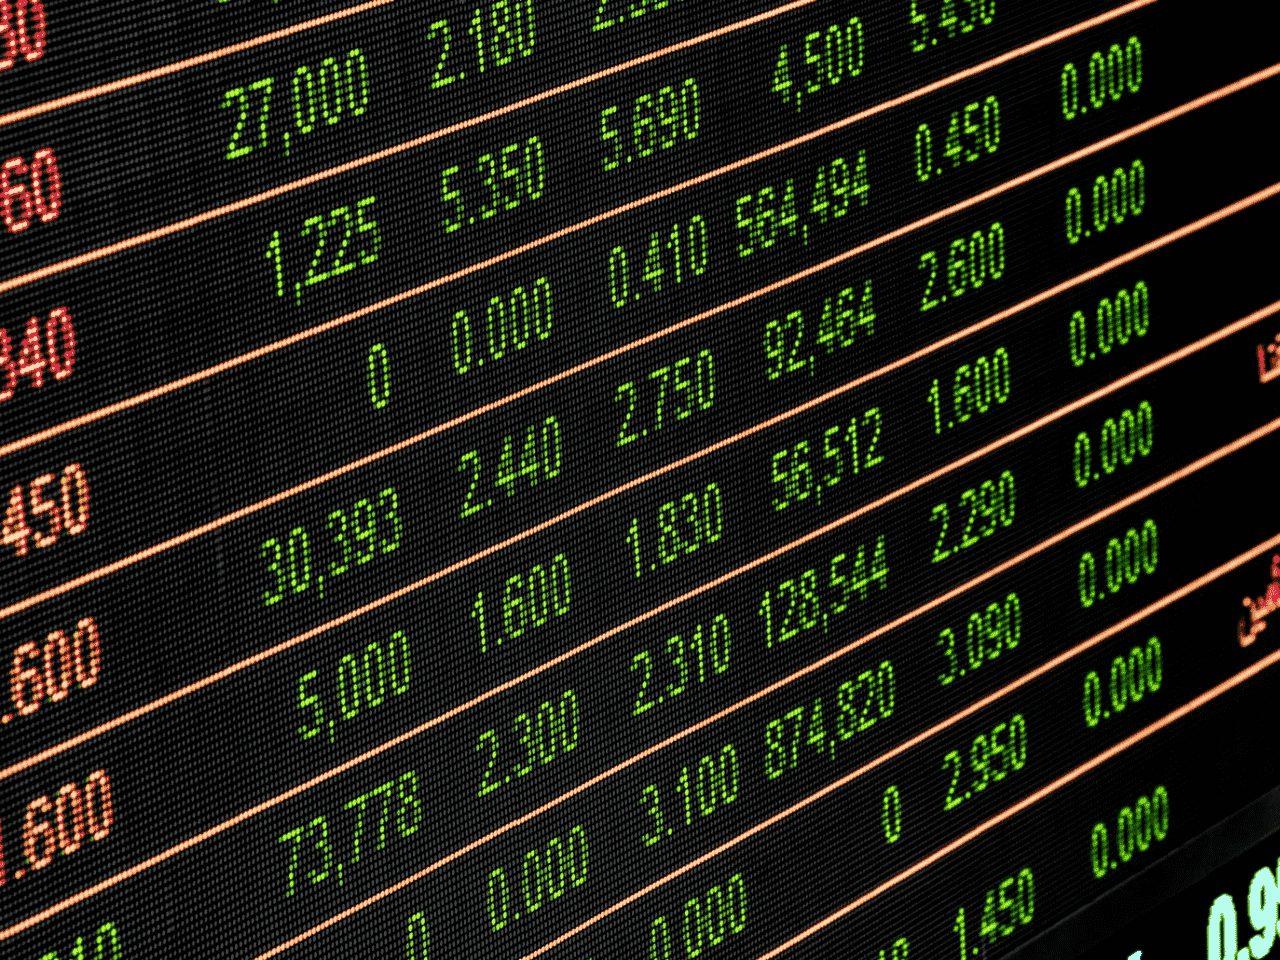 tabela com números, representando recorde bolsa de valores